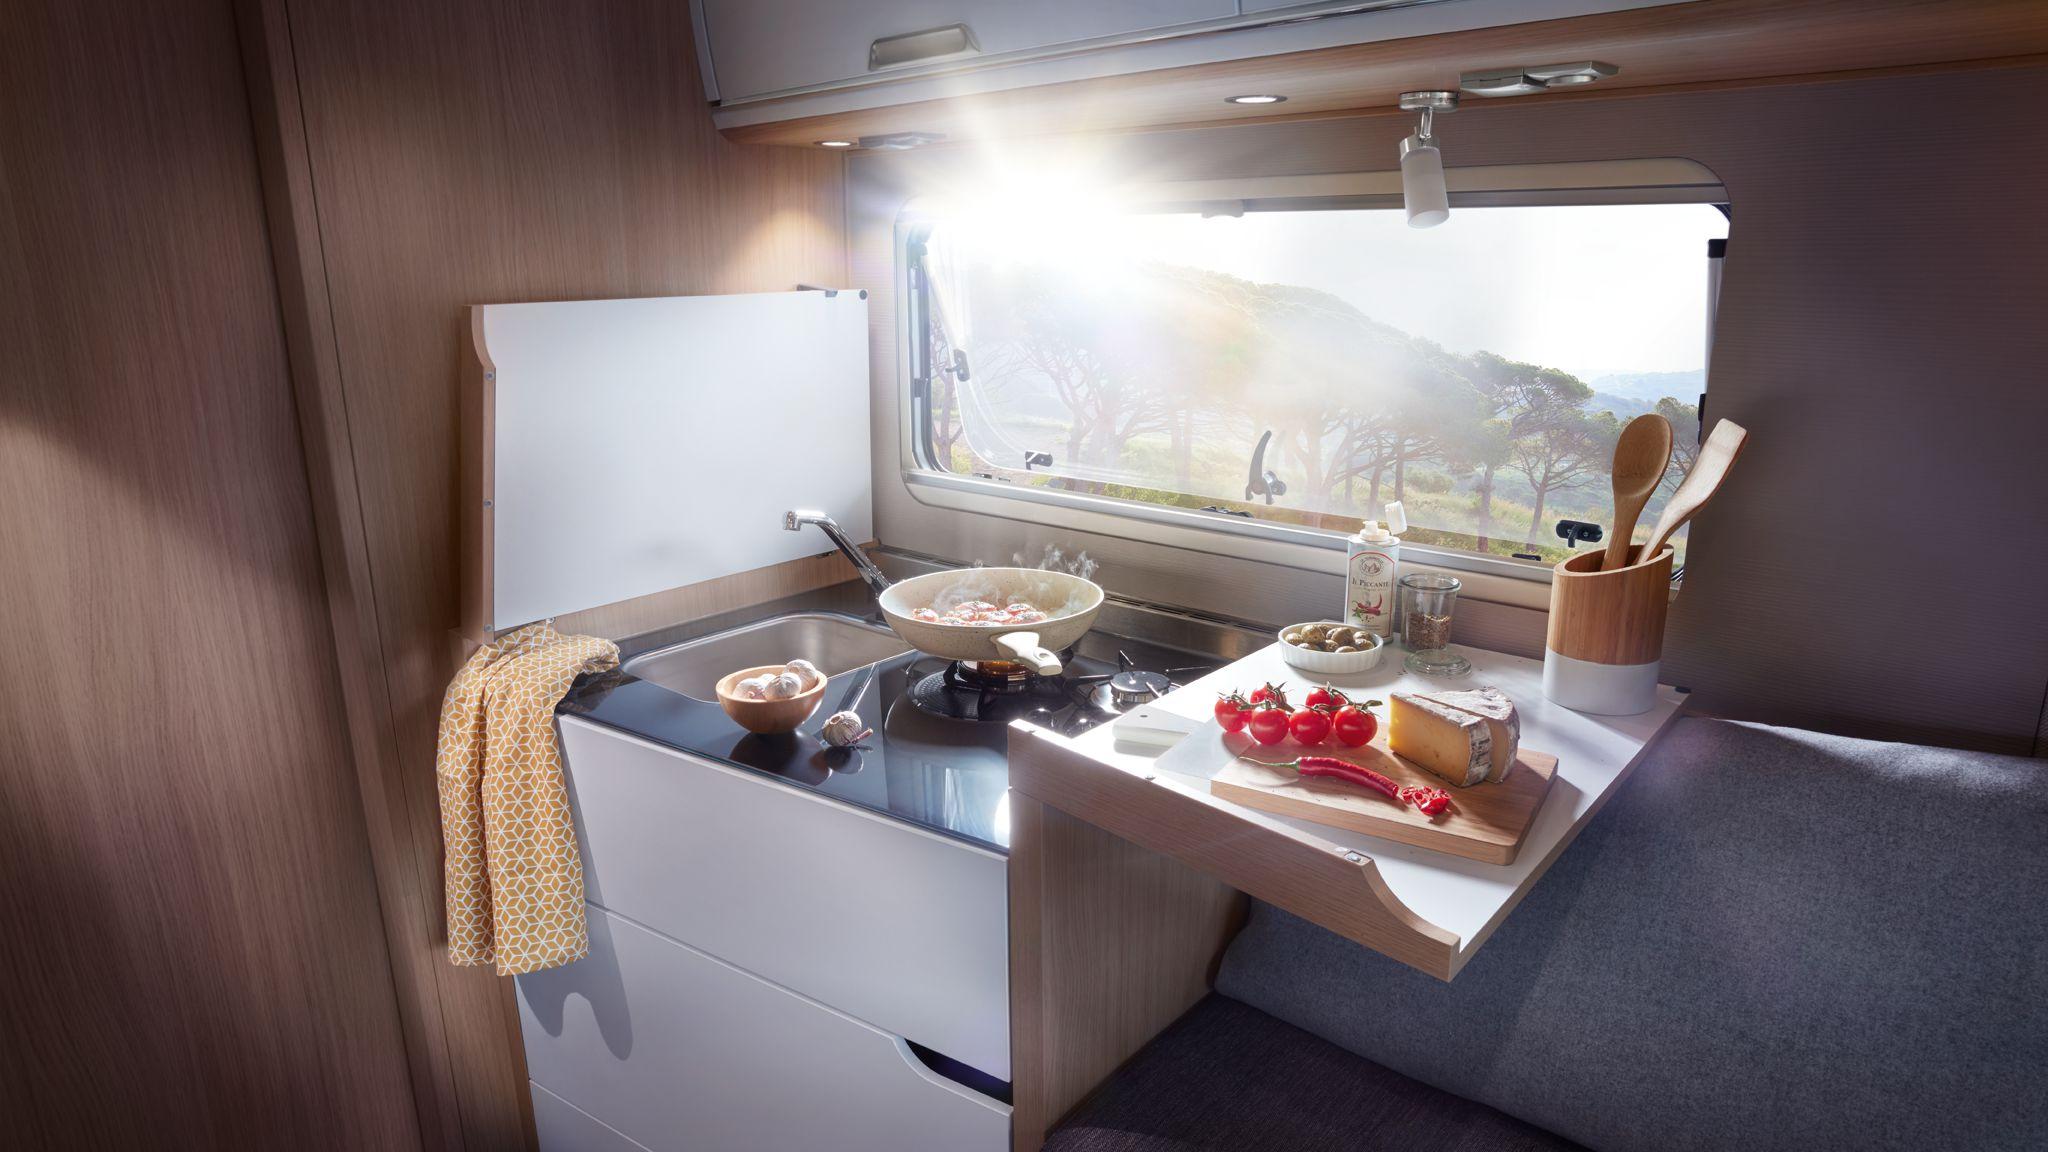 NIESMANN+BISCHOFF - Smove - Küchen Sideboard aufgeklappt